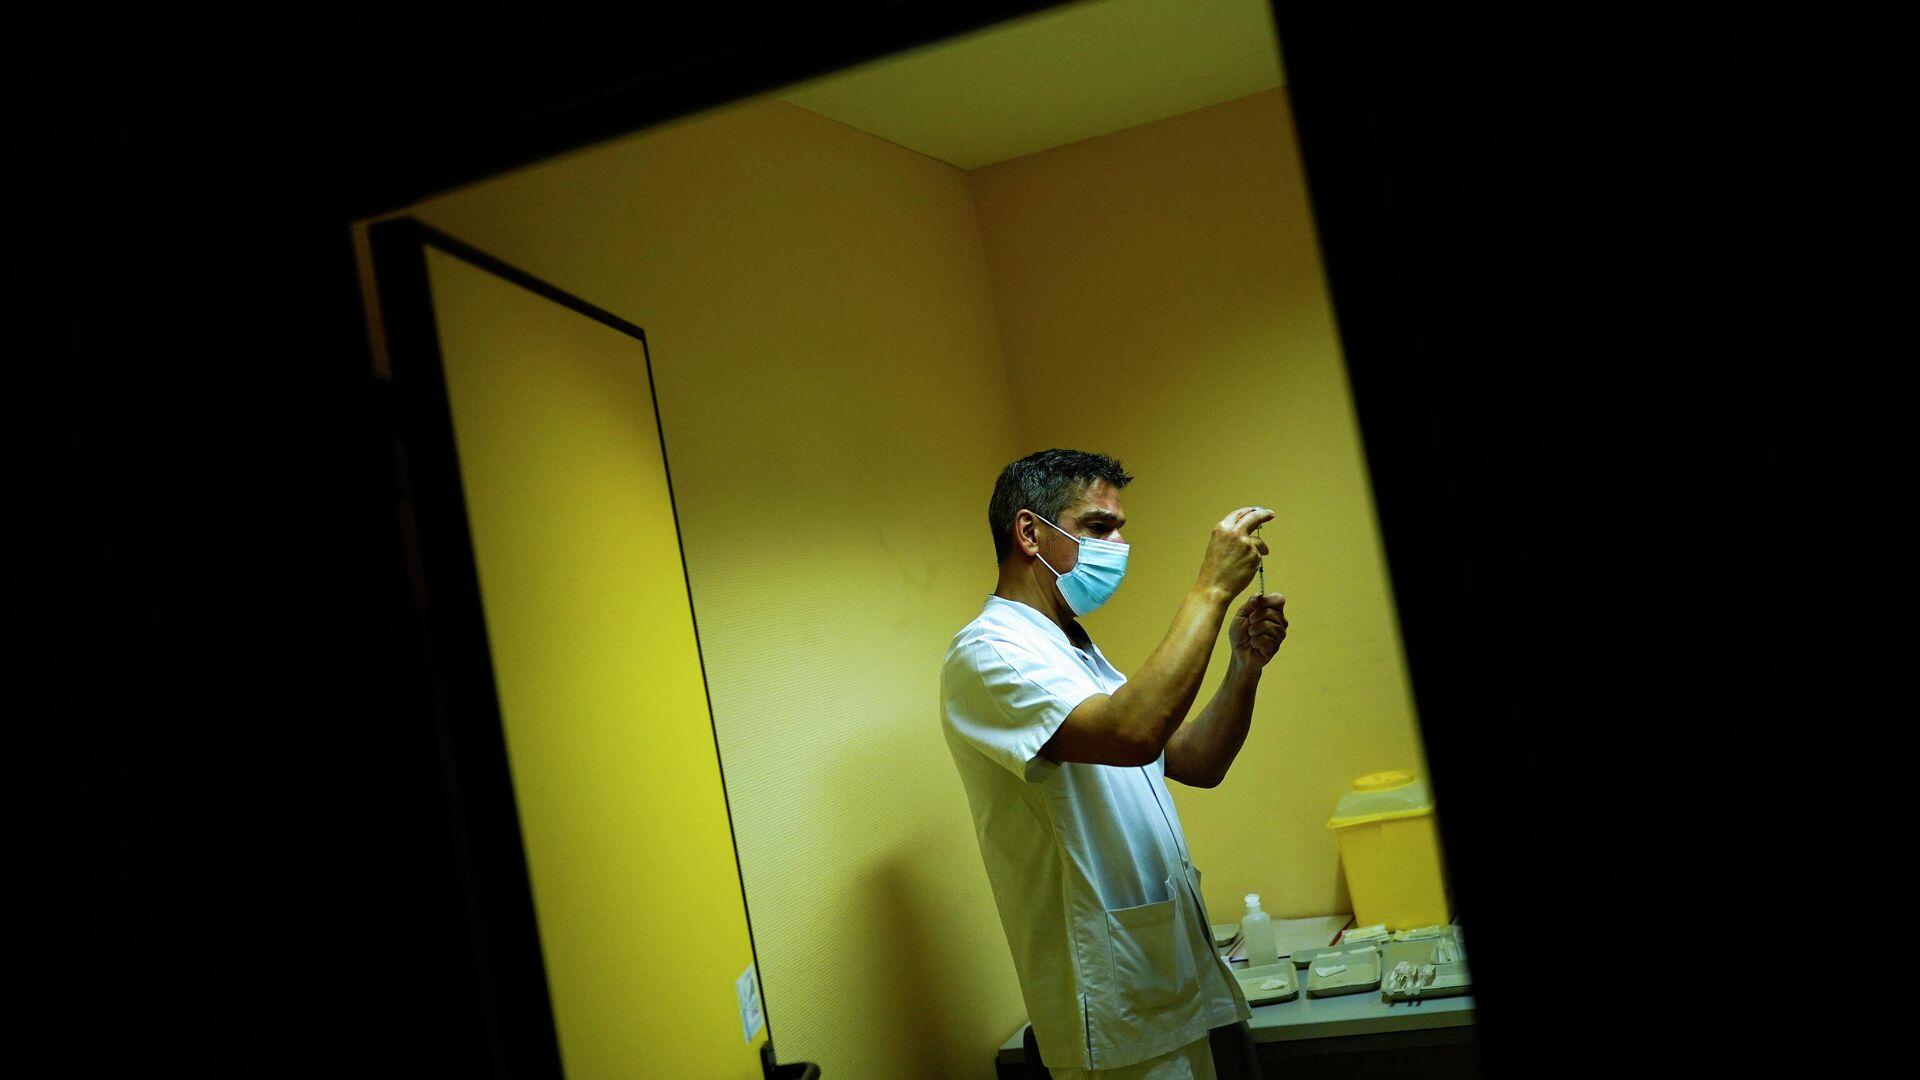 Медбрат готовит шприцы с вакцинами Pfizer / Biontech во время  вакцинации в Бельгии - РИА Новости, 1920, 01.02.2021